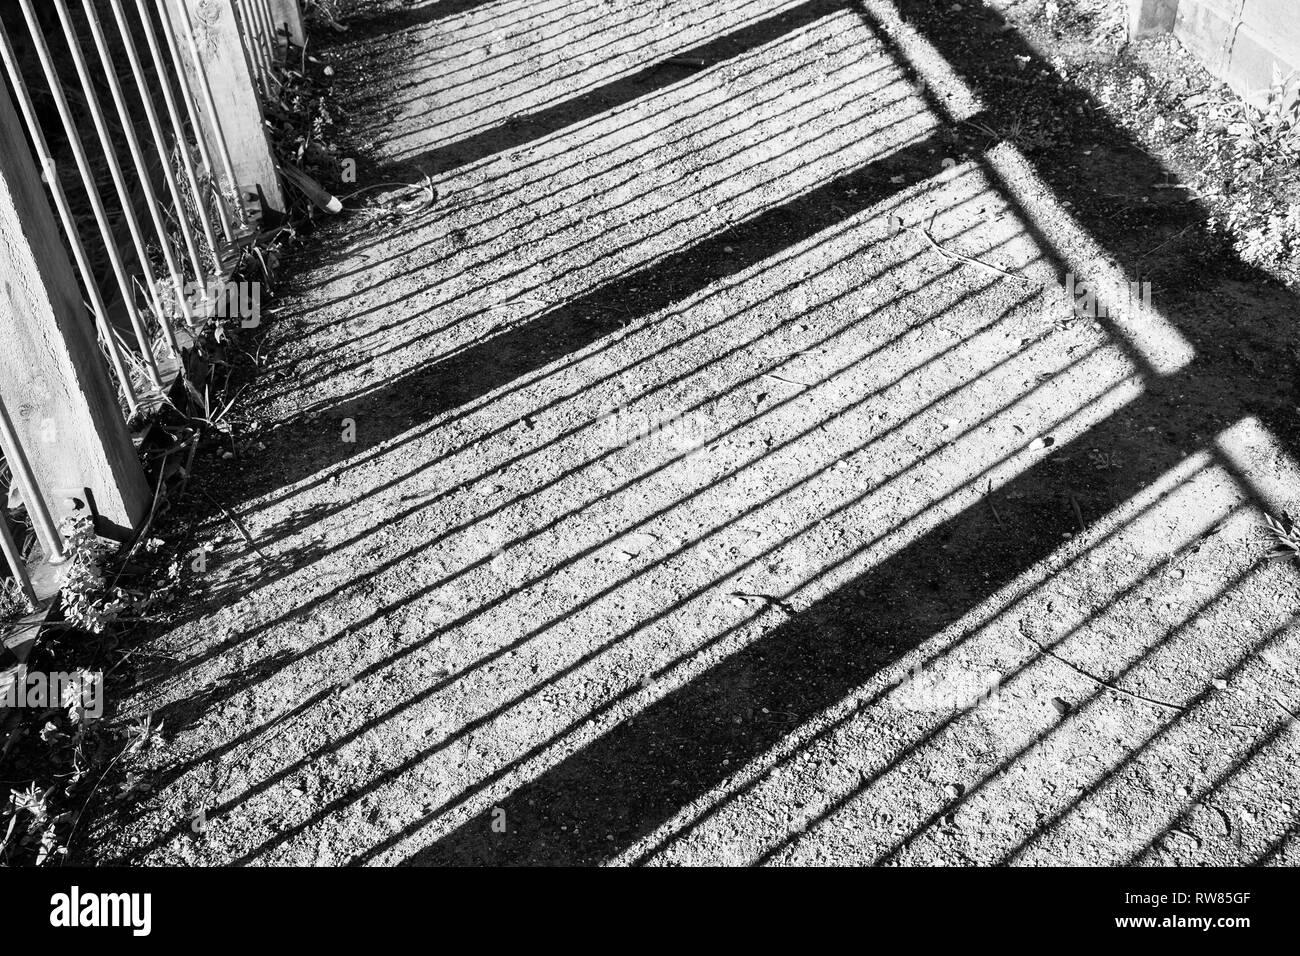 Point de vue intéressant sur les ombres fabriqué à partir d'une clôture sur un sol de gravier. Banque D'Images